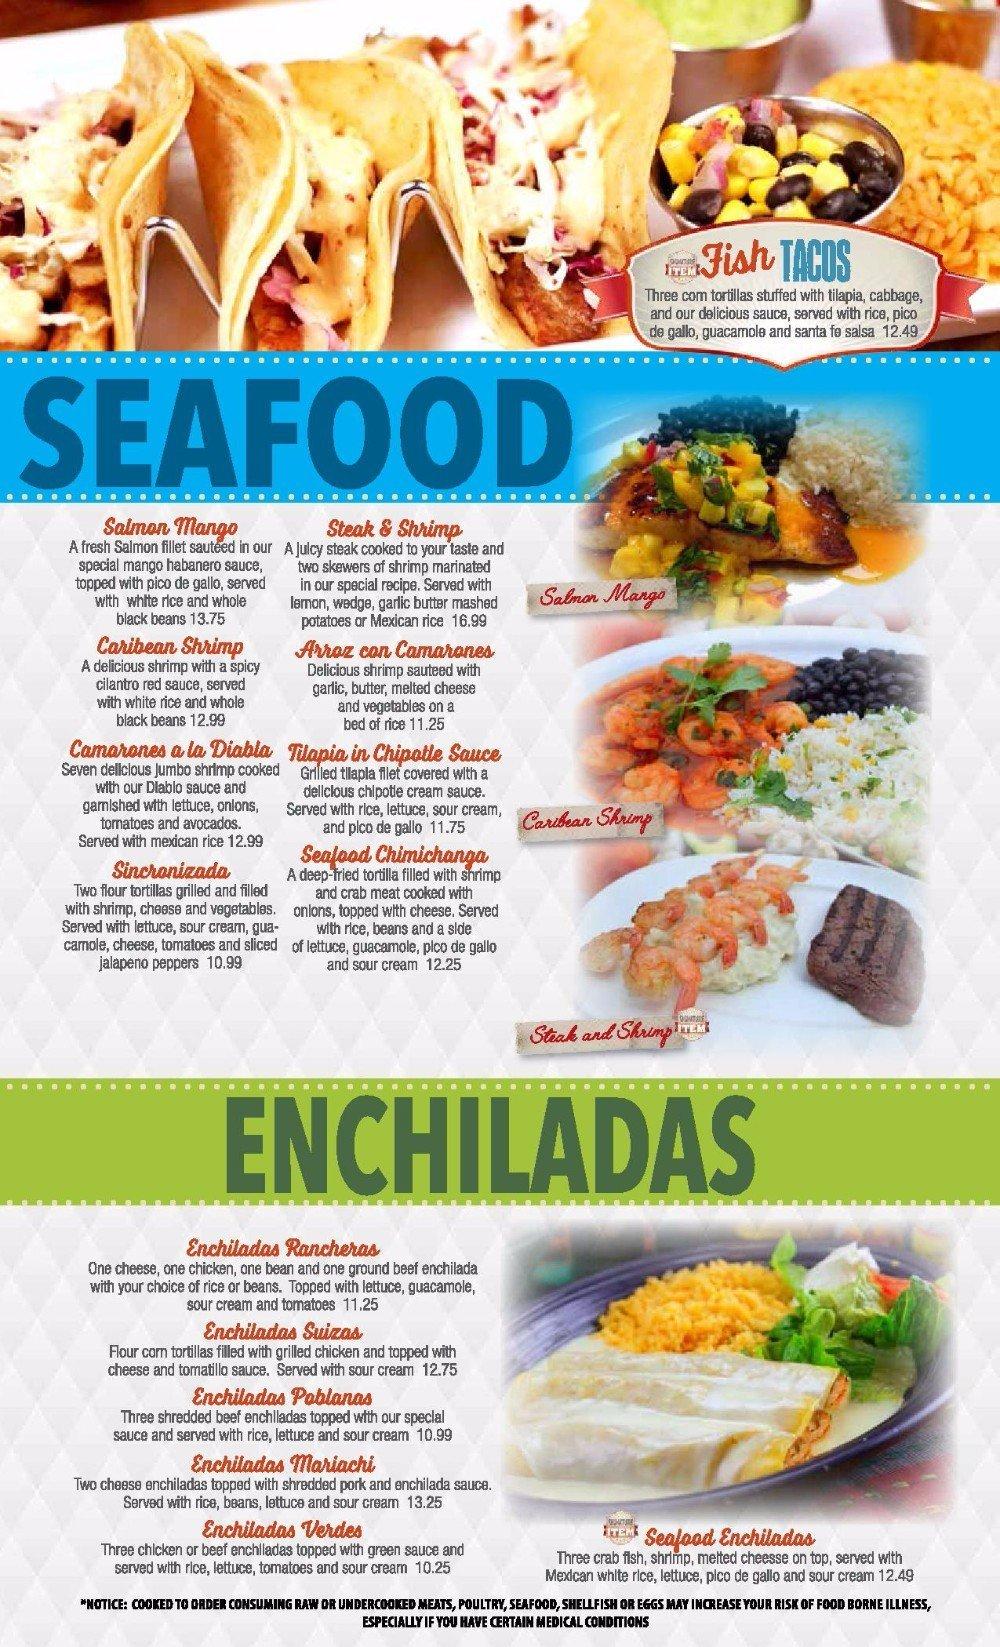 Seafood and Enchiladas menu